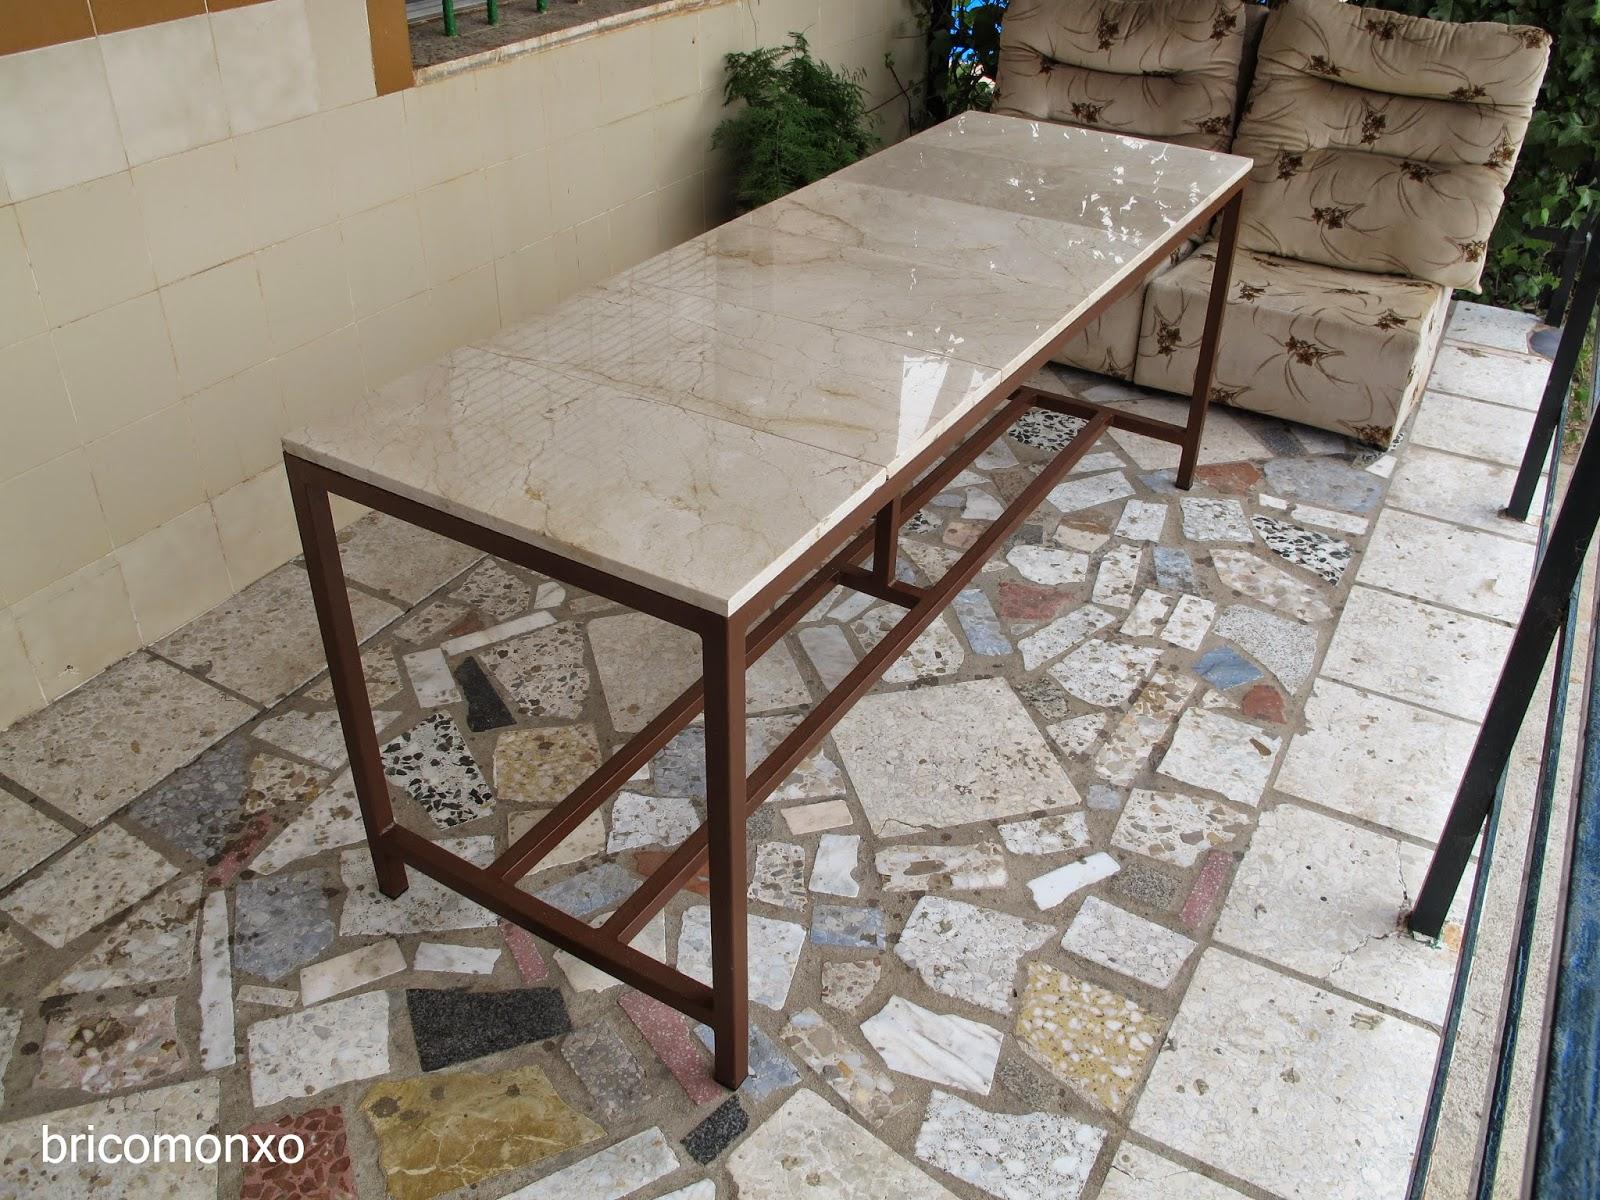 Bricomonxo c mo acoplar un nido a una jaula for Como pulir una mesa de marmol